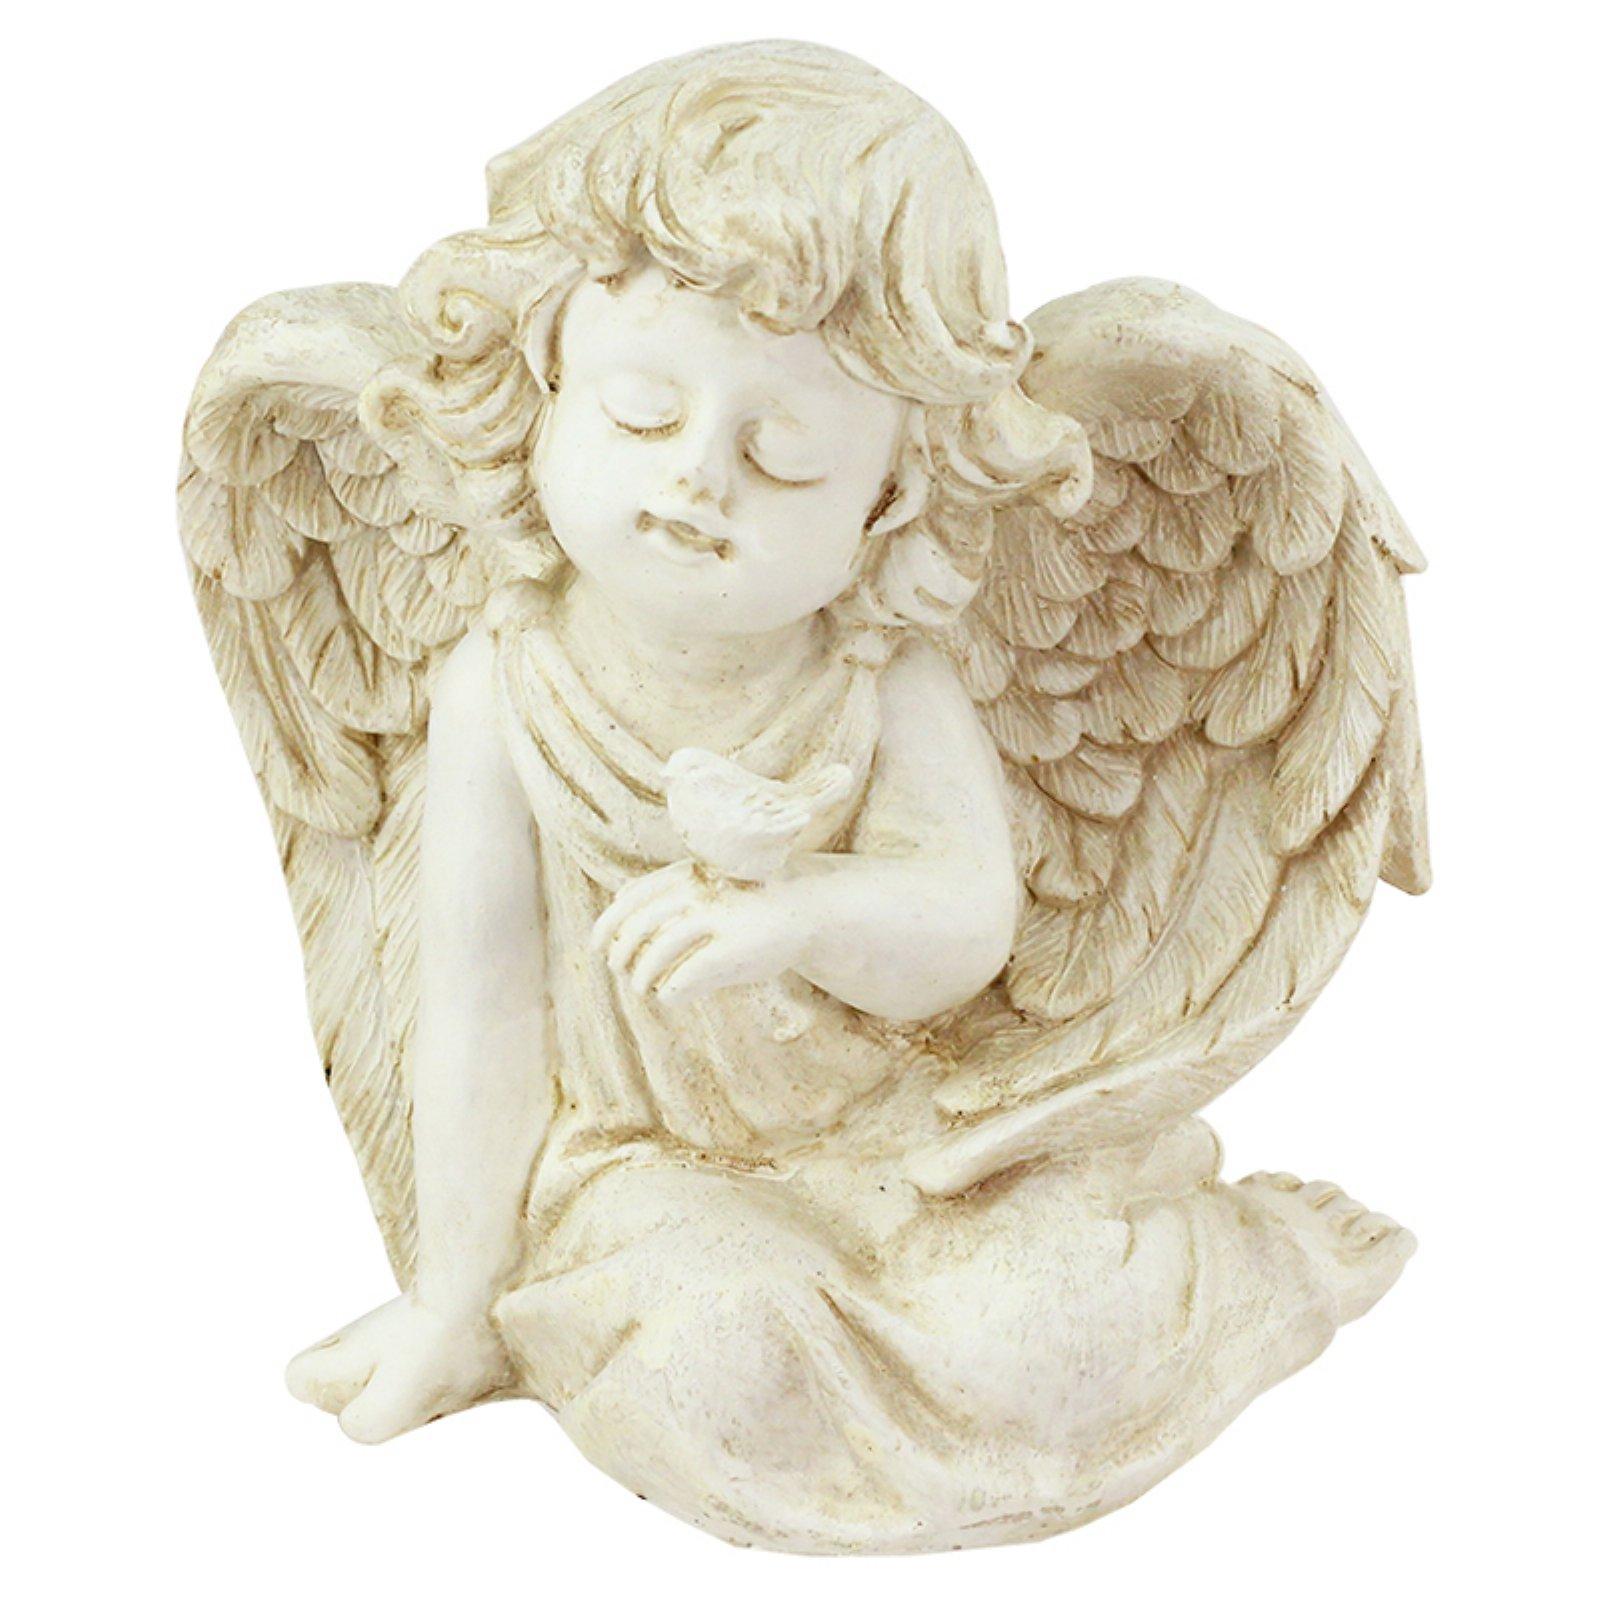 Northlight Heavenly Gardens Sitting Cherub Angel with Bird Outdoor Garden Statue